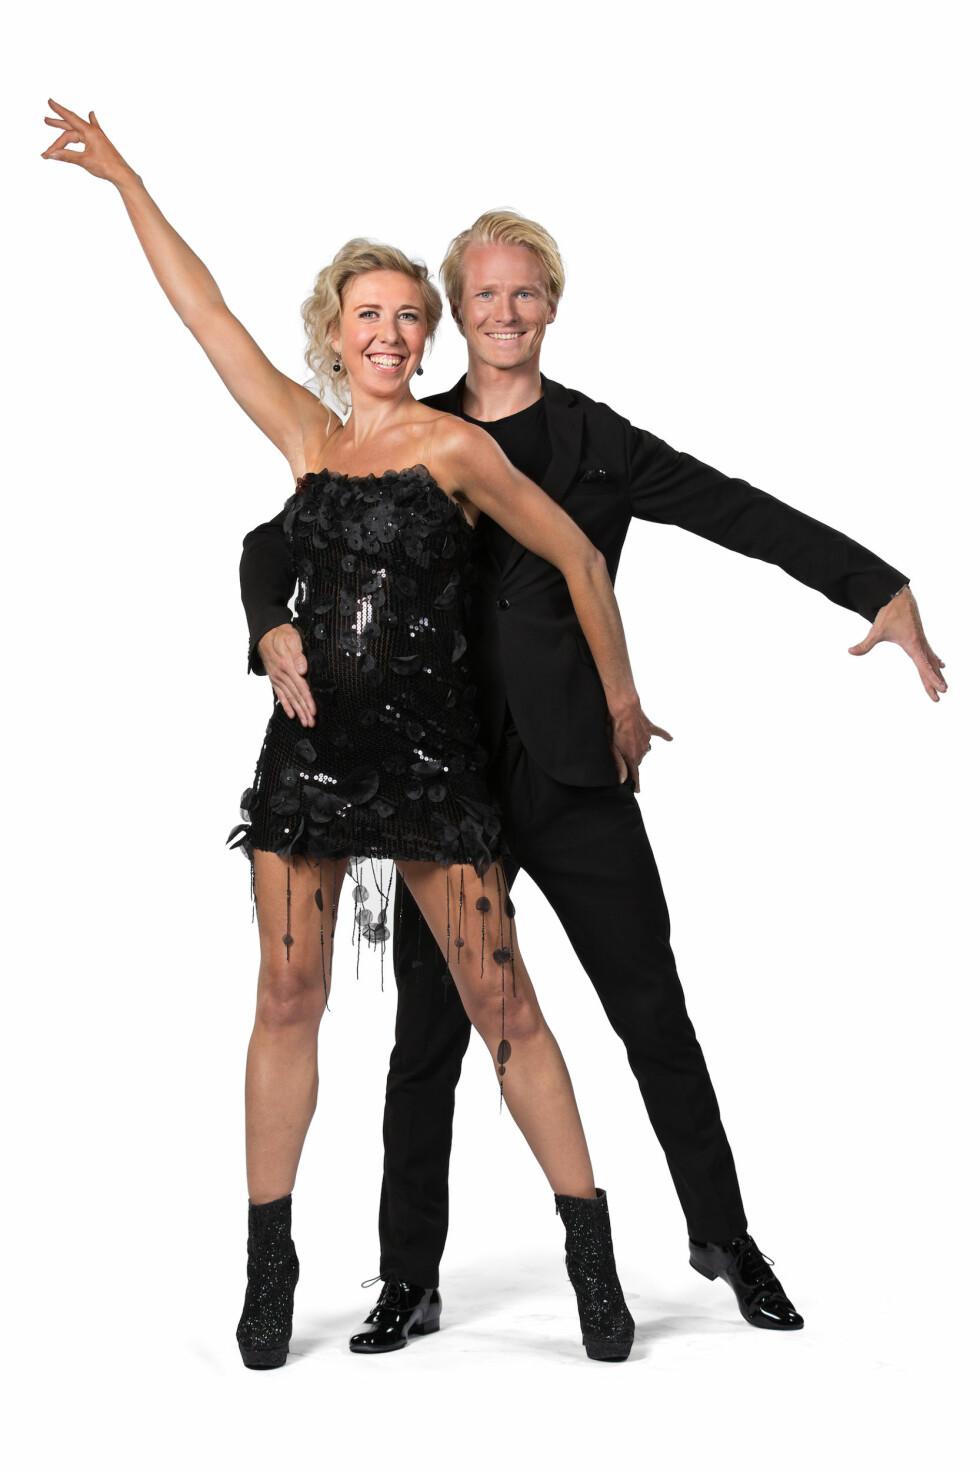 PARTNERE: OL-vinner og tidligere langrennsløper Kristin Størmer Steira skal danse med Fredric Brunberg. Foto: Espen Solli / TV2